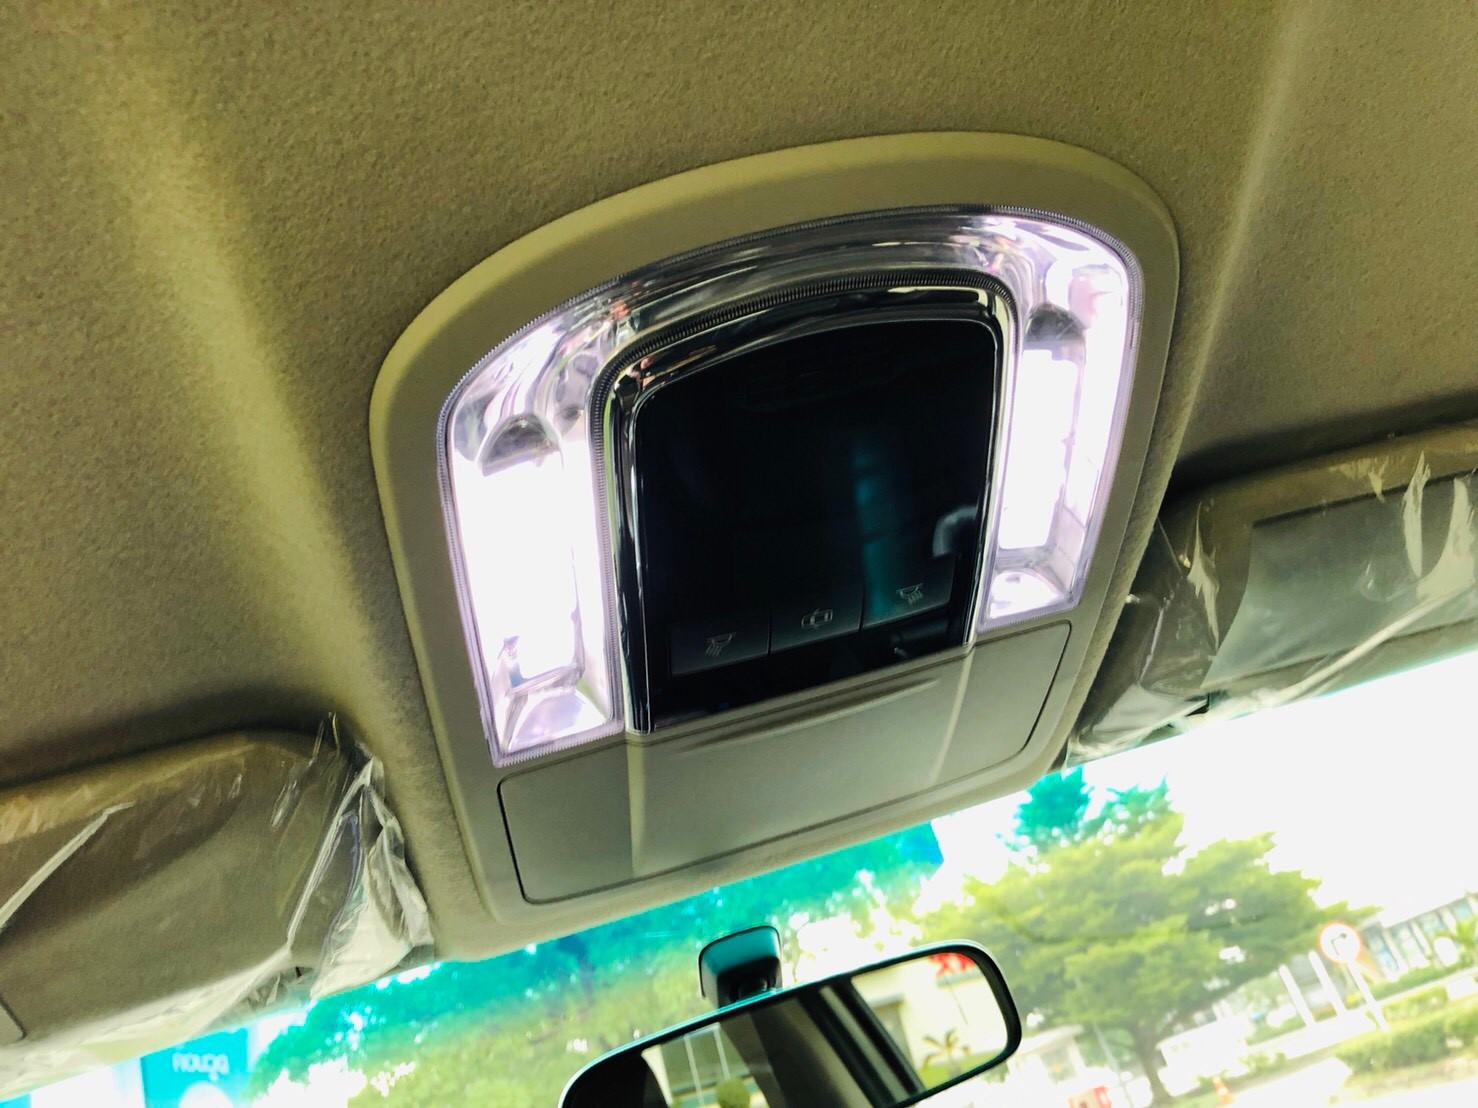 ภาพไฟ โตโยต้า ฟอร์จูนเนอร์ 2.4 V 2WD ปี 2017